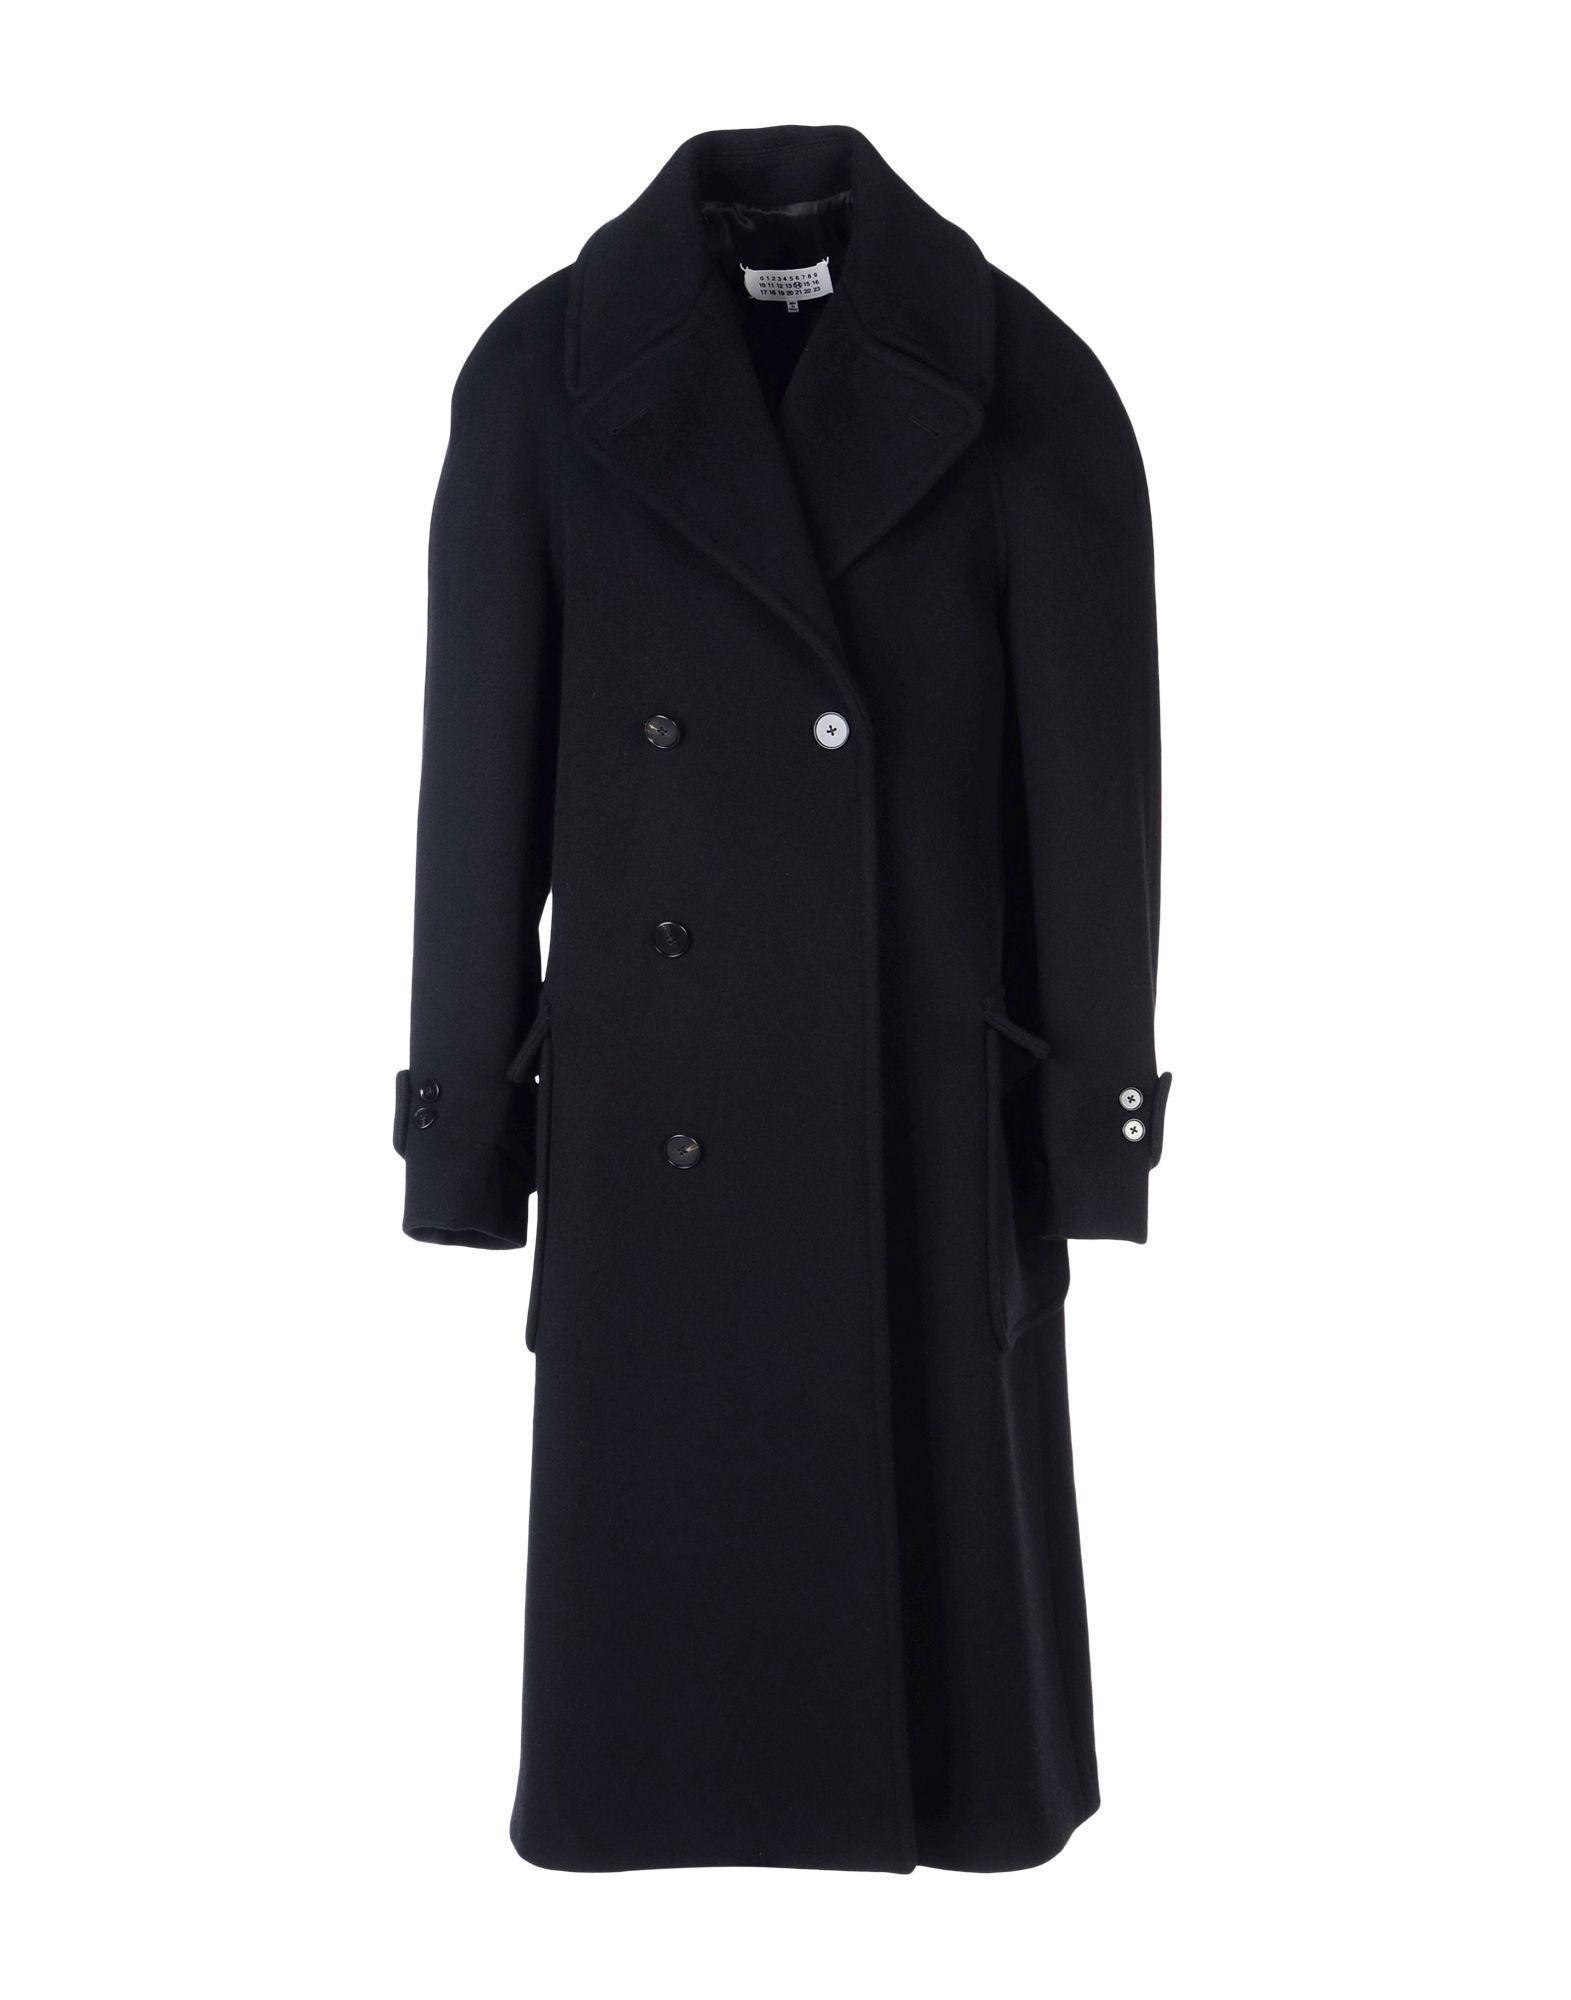 Maison Margiela Coats In Black